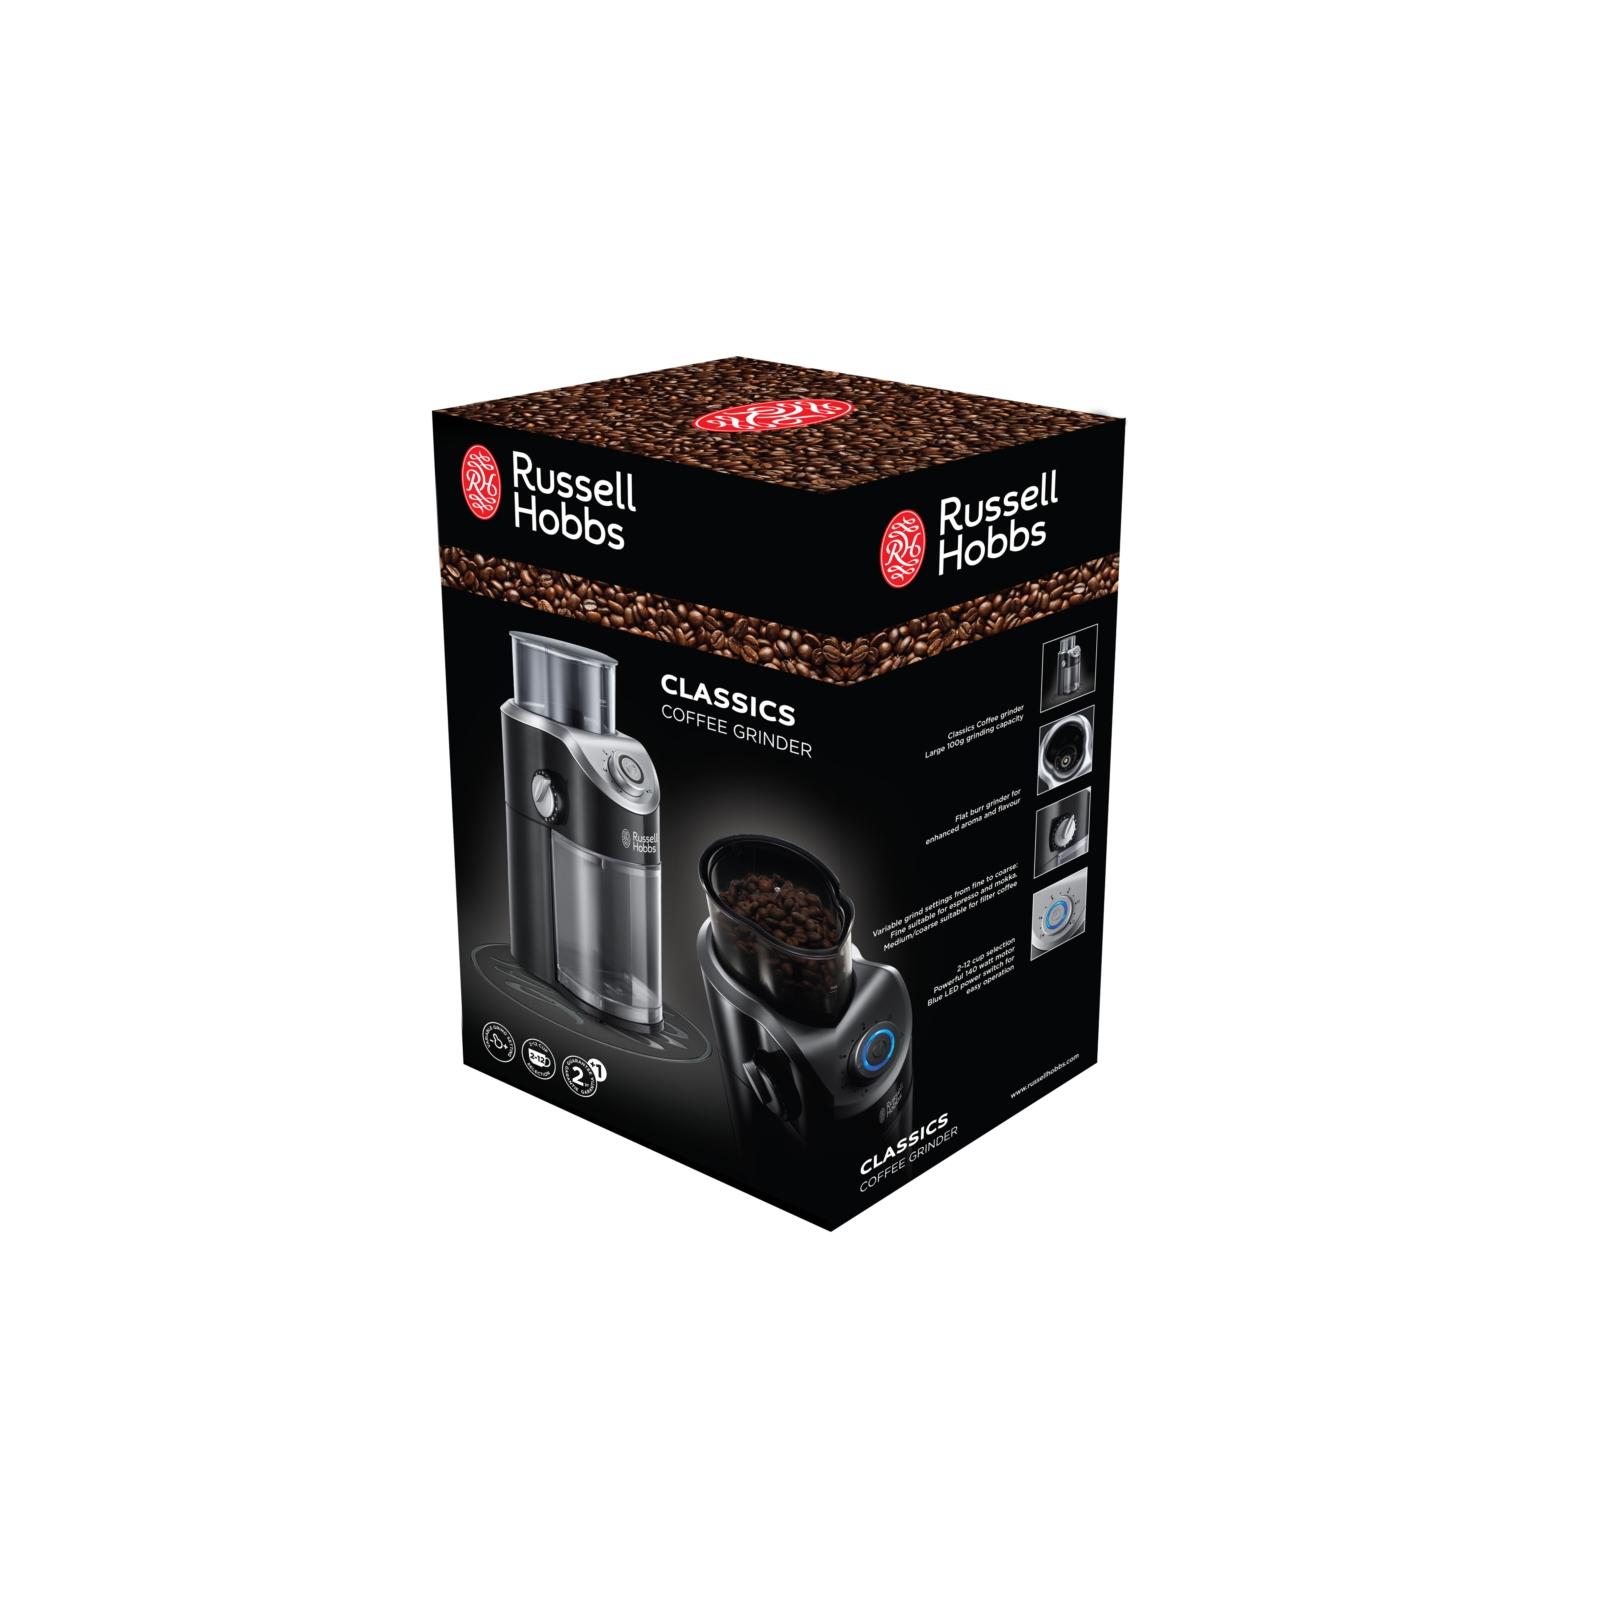 Кофемолка Russell Hobbs 23120-56 изображение 4